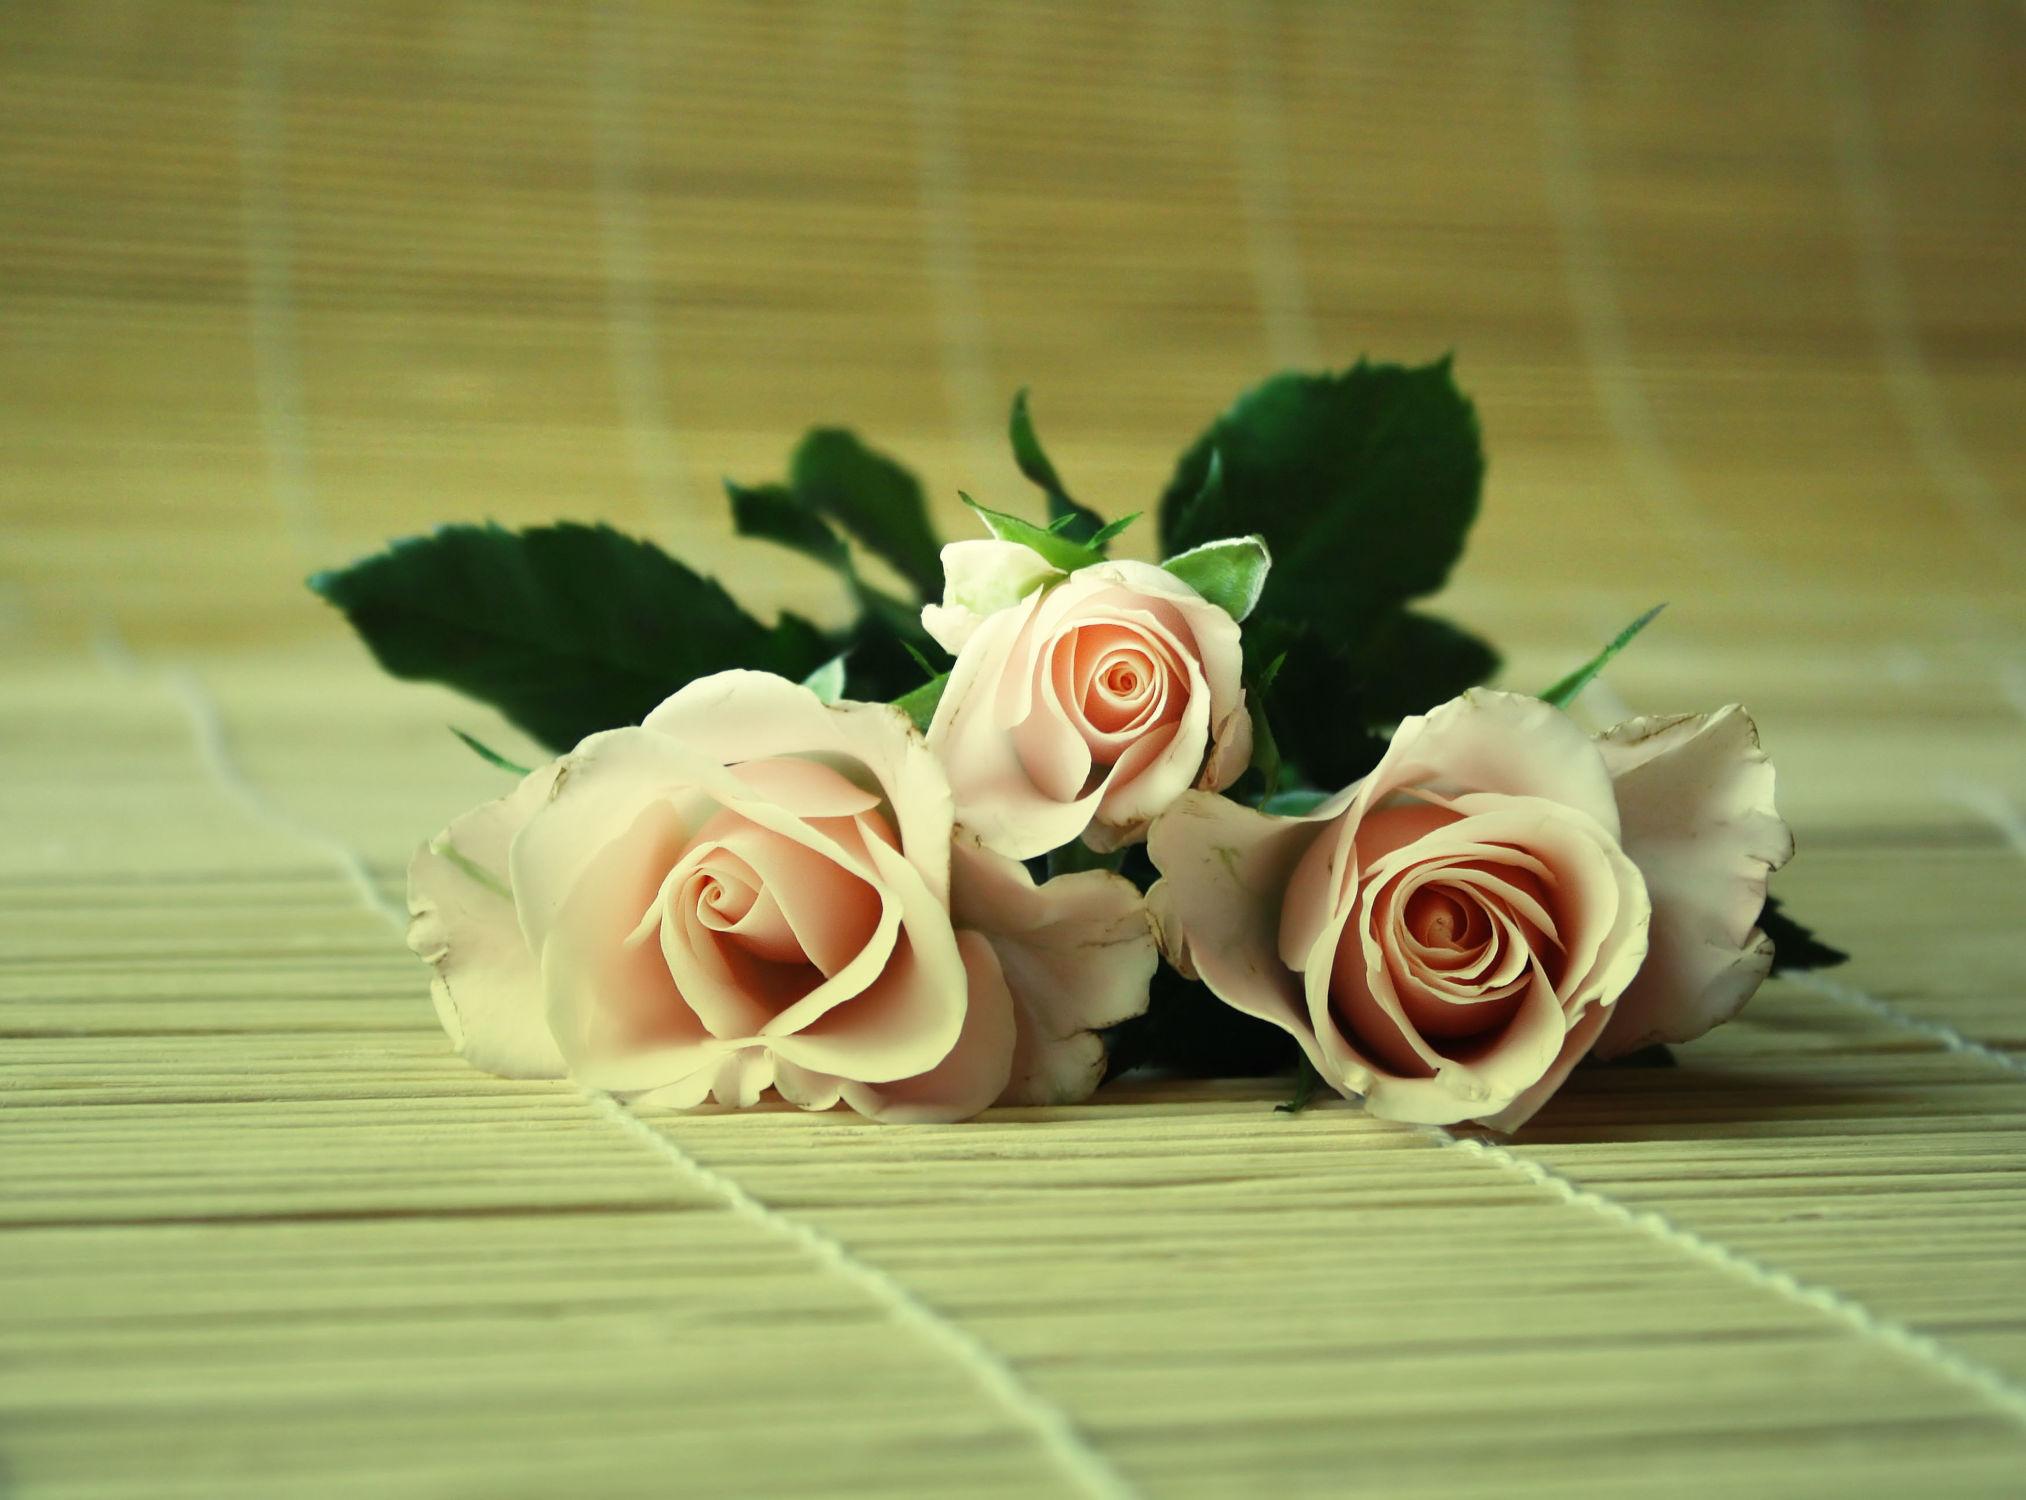 Bild mit Blumen, Rosen, Blume, Rose, Rosenblüte, Blumenstrauß, Rosenstrauß, Rosenblätter, Hochzeit, rosenblüten, Hochzeitsbilder